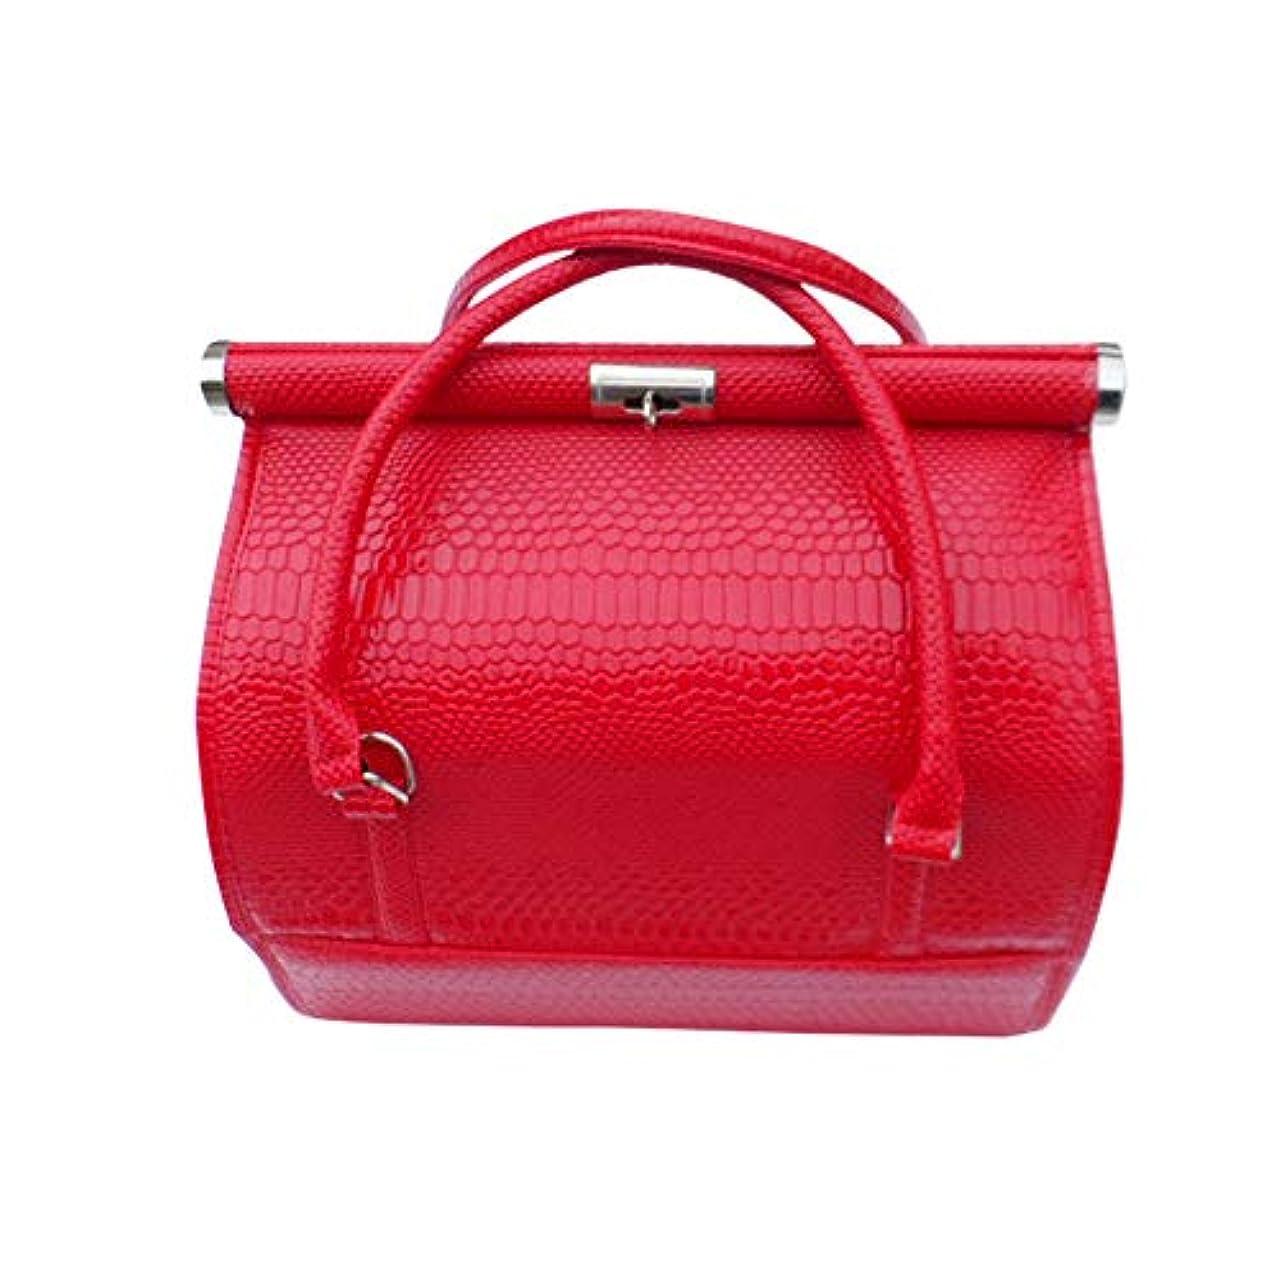 タッチ省略するライム化粧オーガナイザーバッグ 女性の女性のための美容メイクアップのためのポータブル化粧品バッグ旅行と折り畳みトレイで毎日のストレージ 化粧品ケース